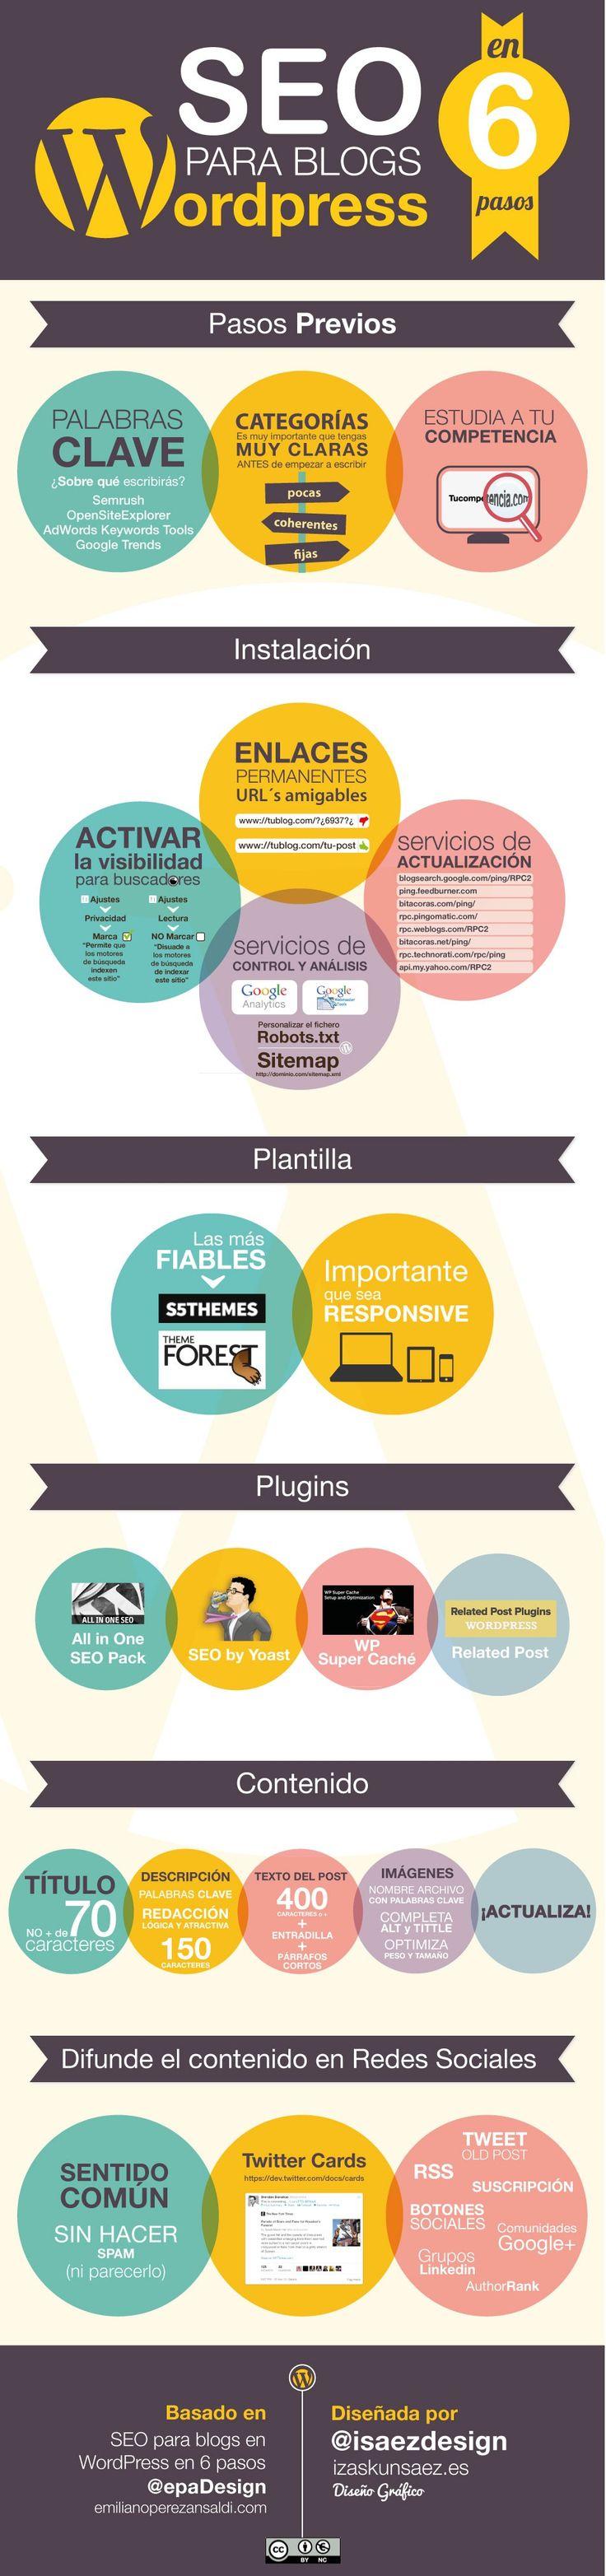 Pasos para usar SEO en tu Blog Wordpress